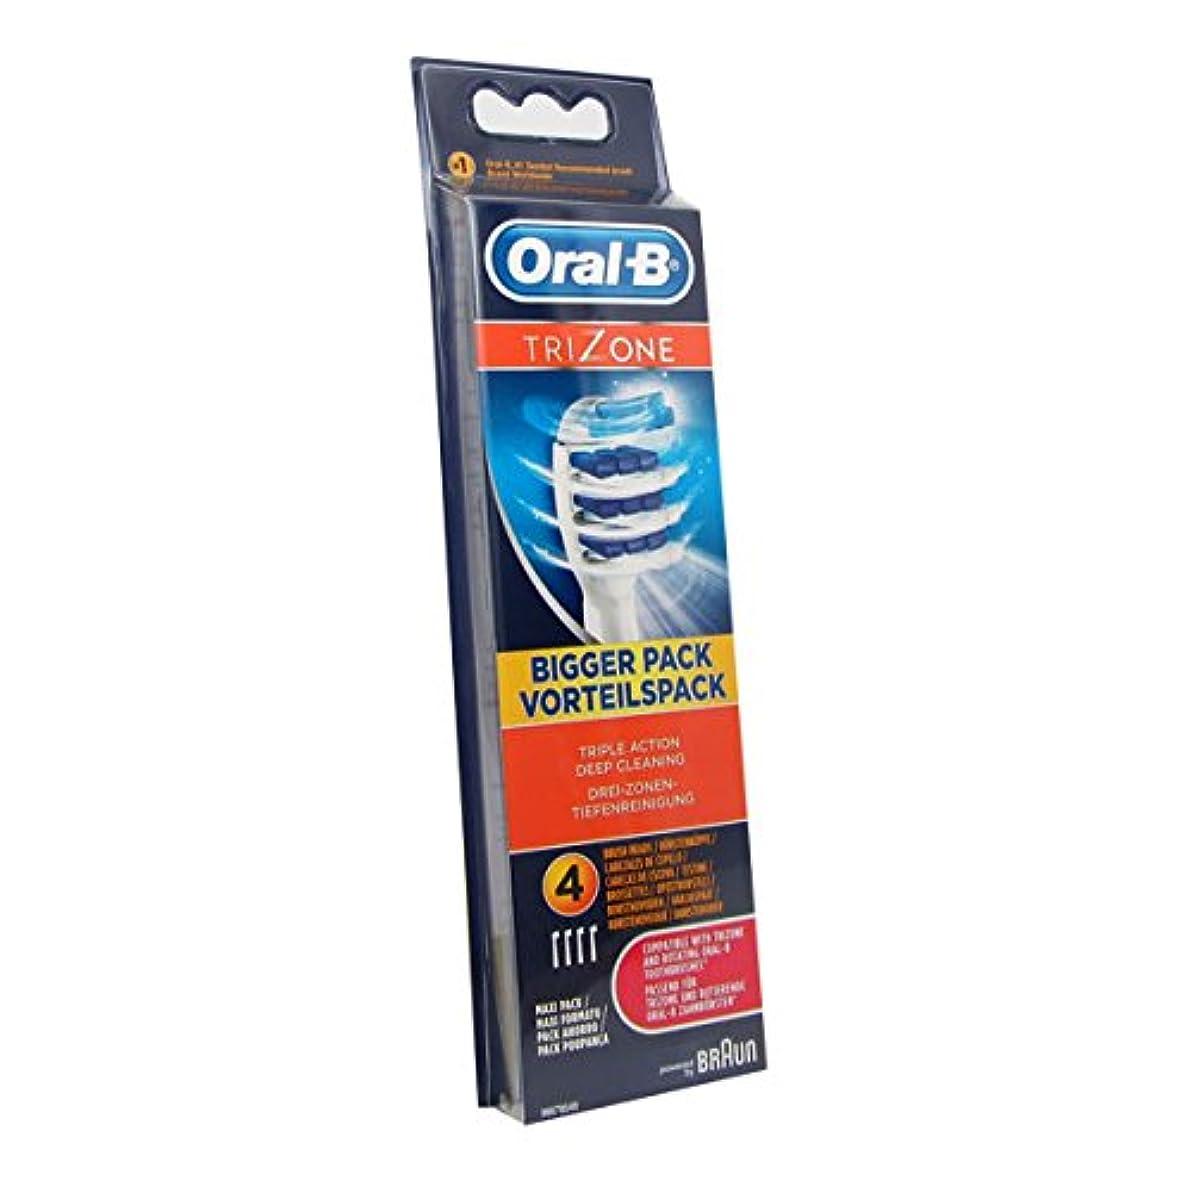 お勧め位置するドロップOral B Trizone Replacement Brush X4 [並行輸入品]